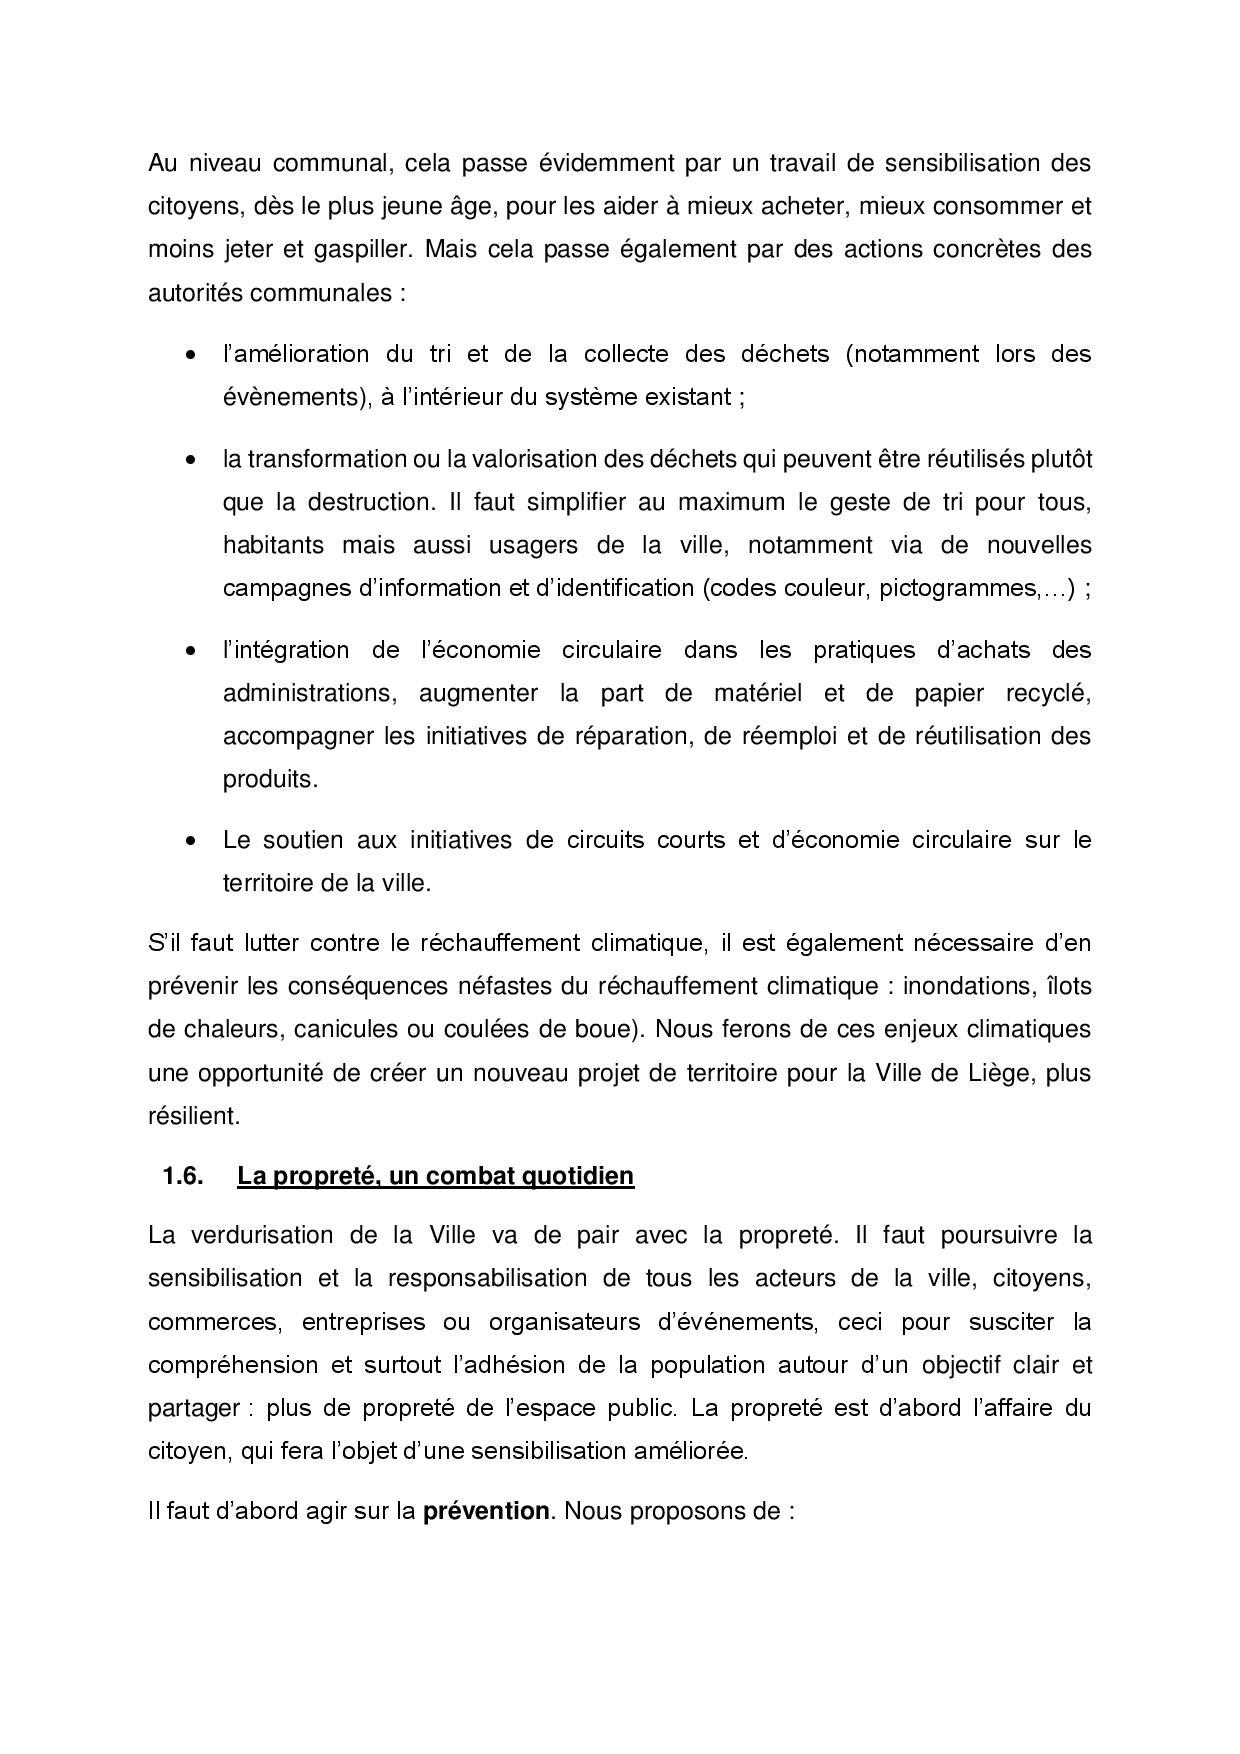 Transition écologique (page 04)